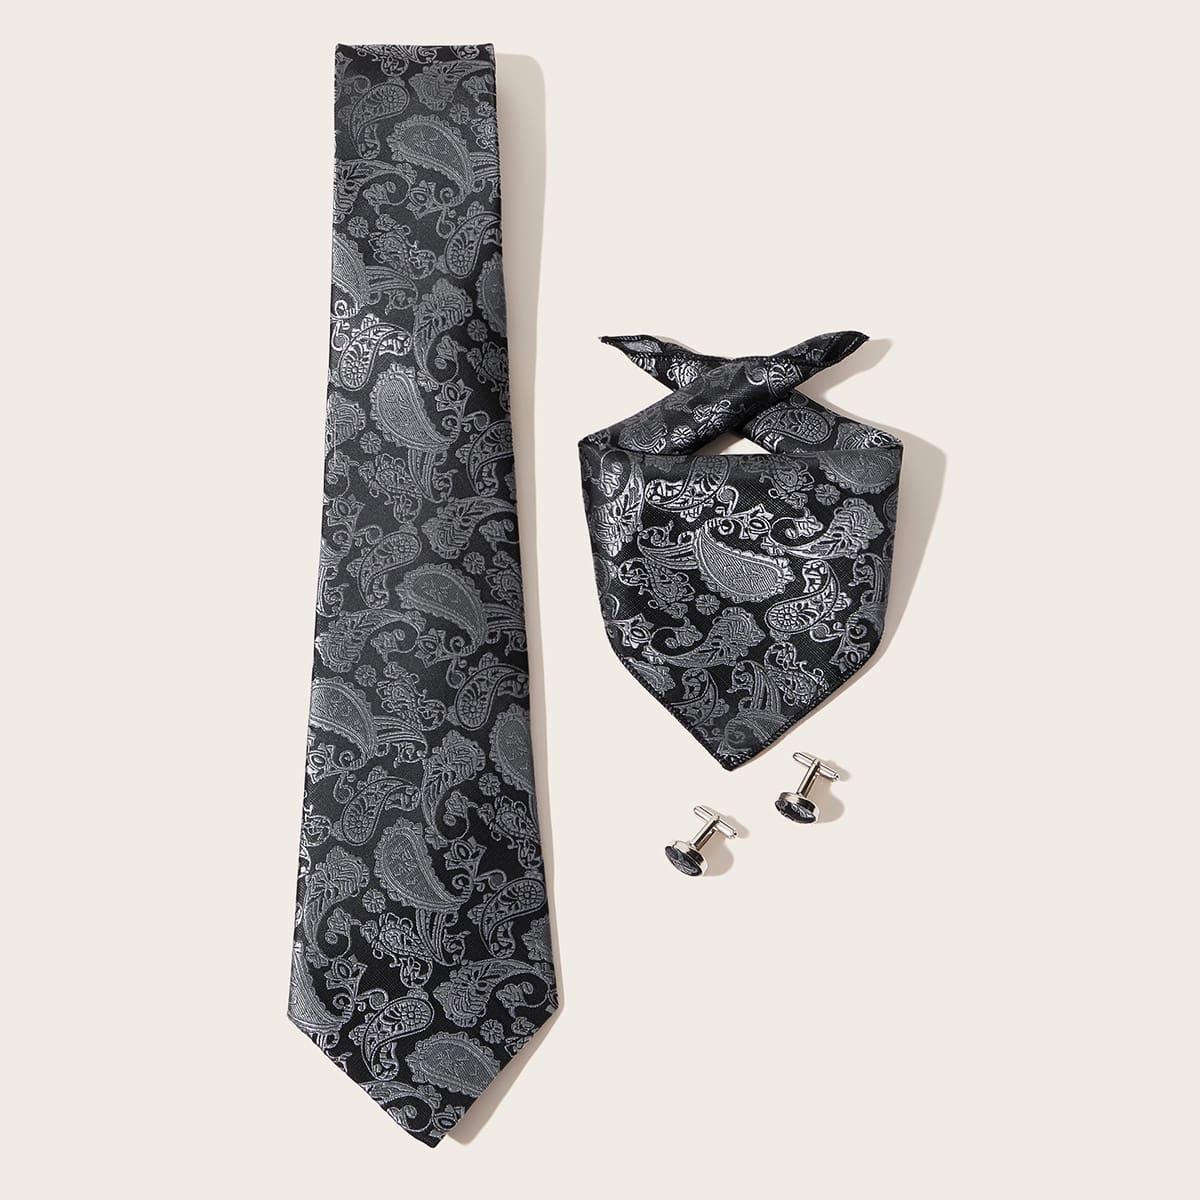 3-delige heren paisley patroon stropdas set